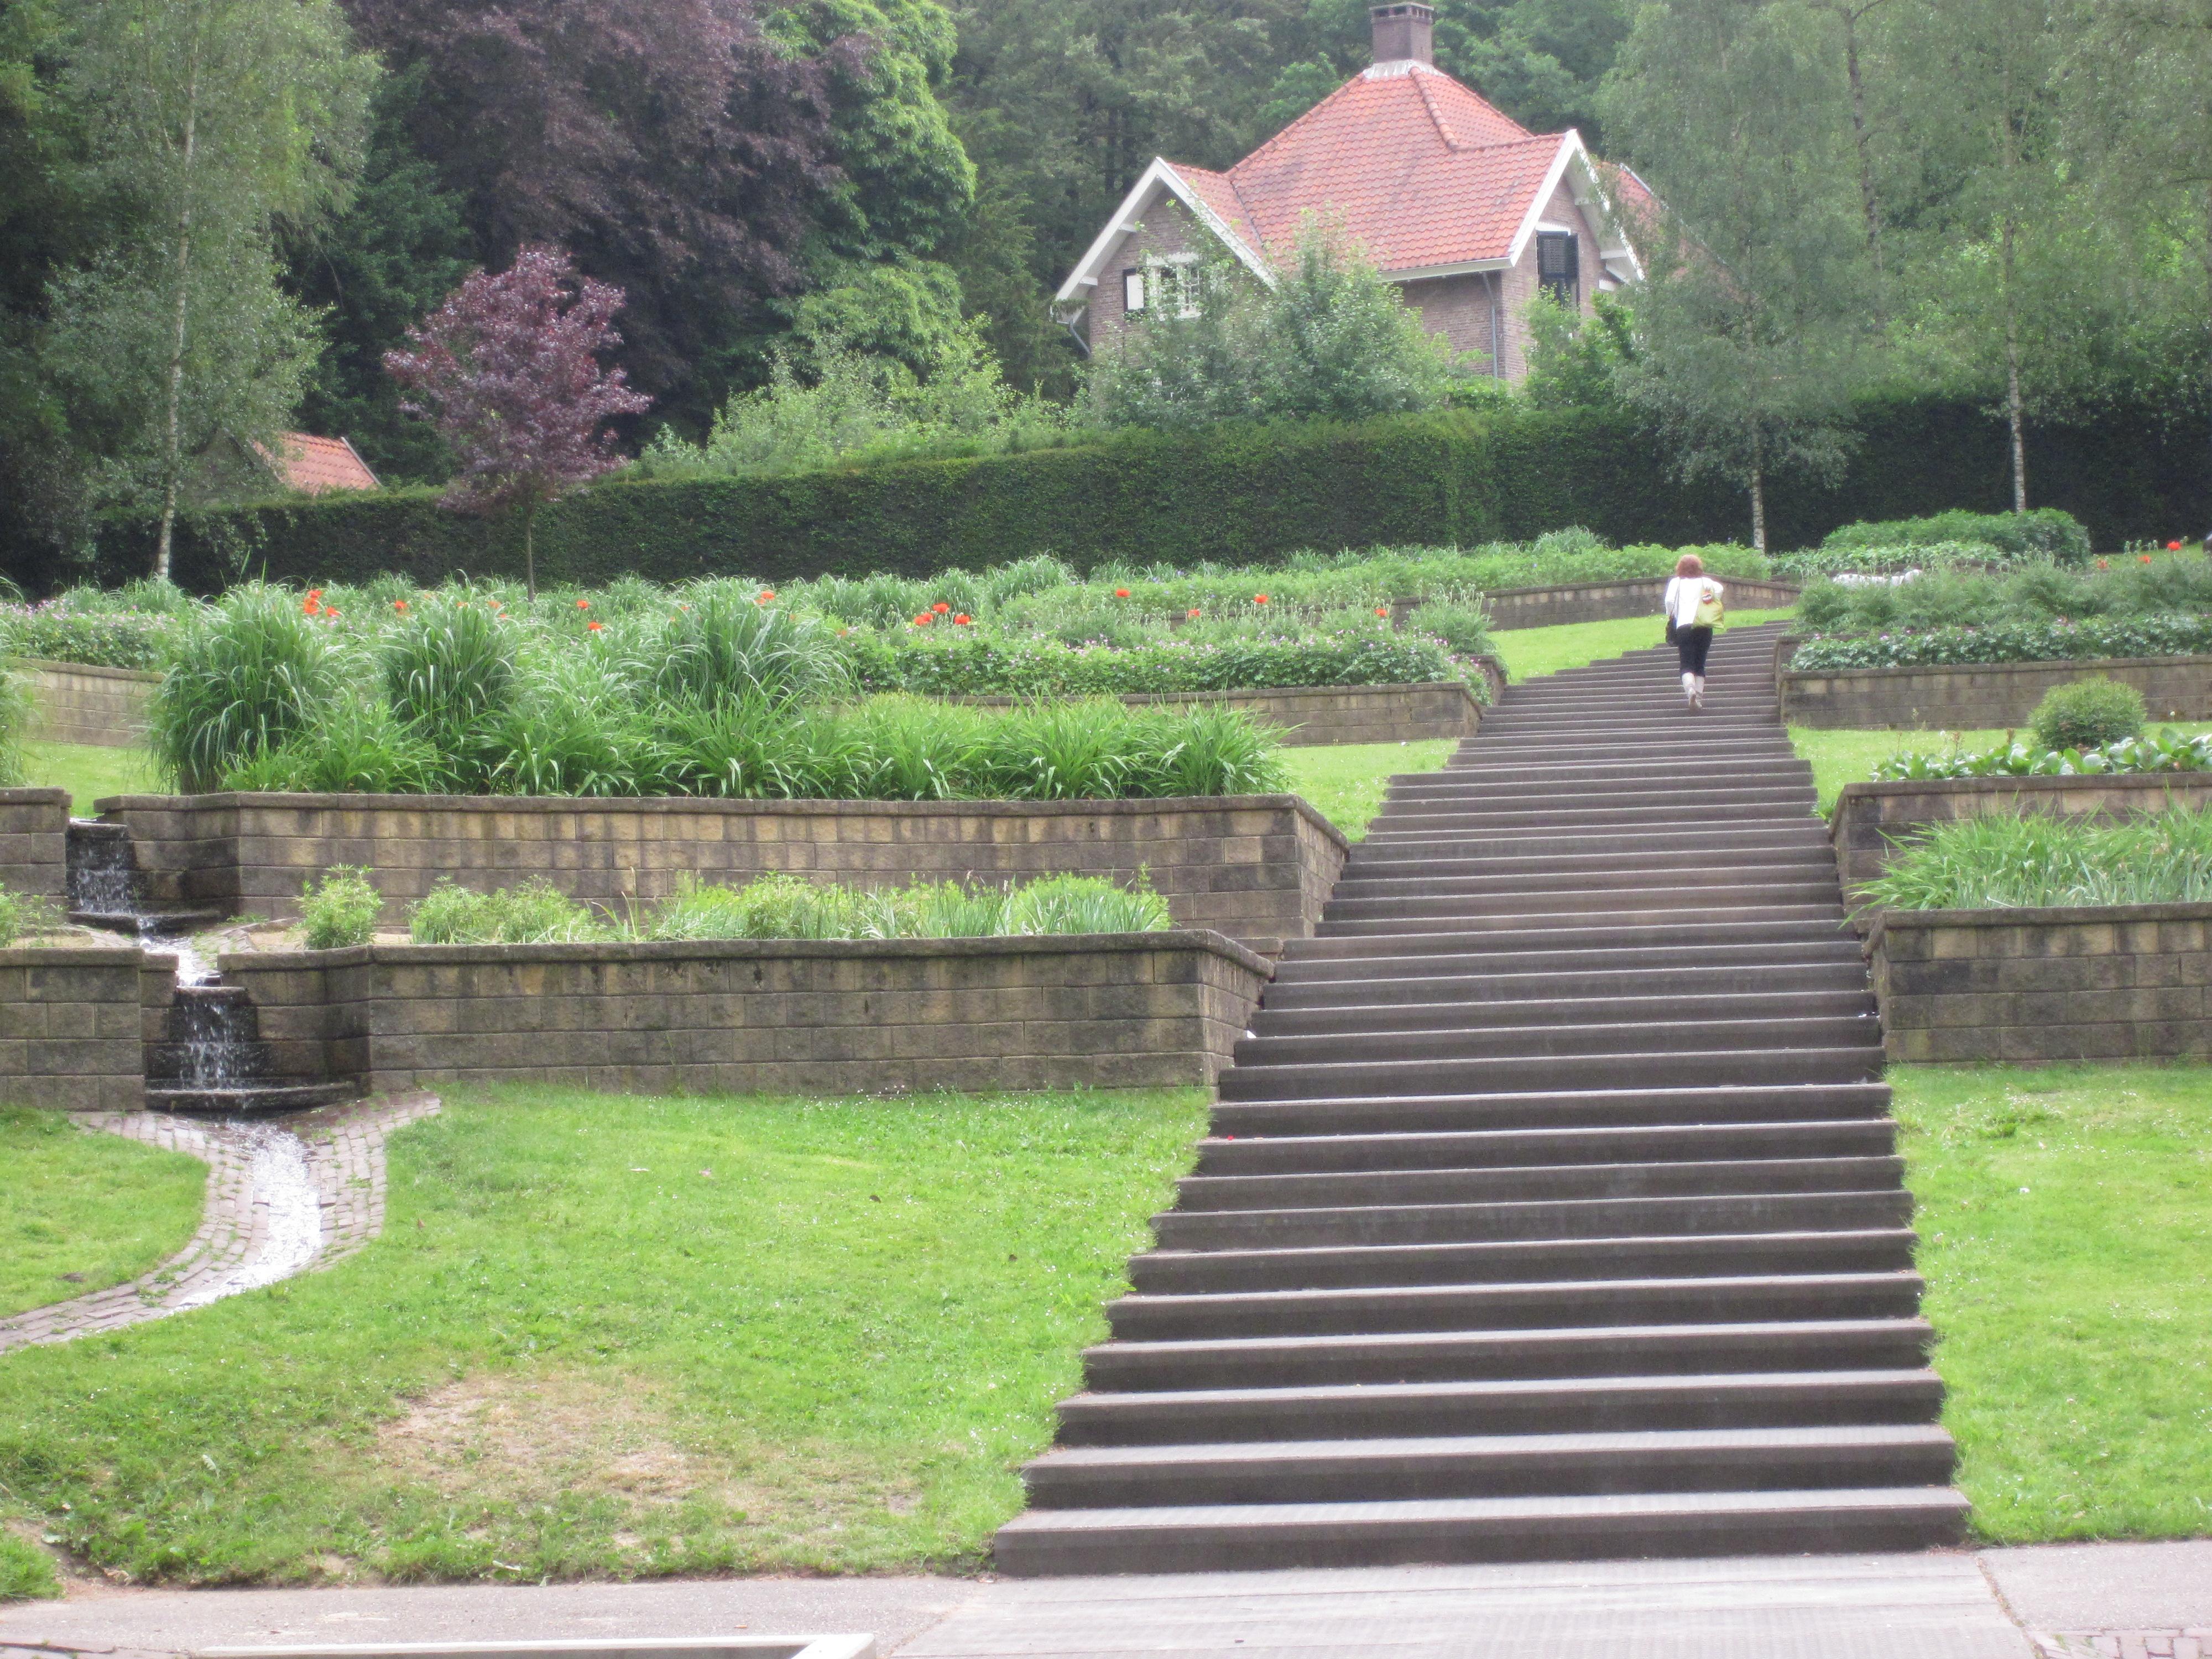 Mac meeting sonsbeekpark arnhem weerspiegelingen 39 s blog - Lay outs tuin steile ...